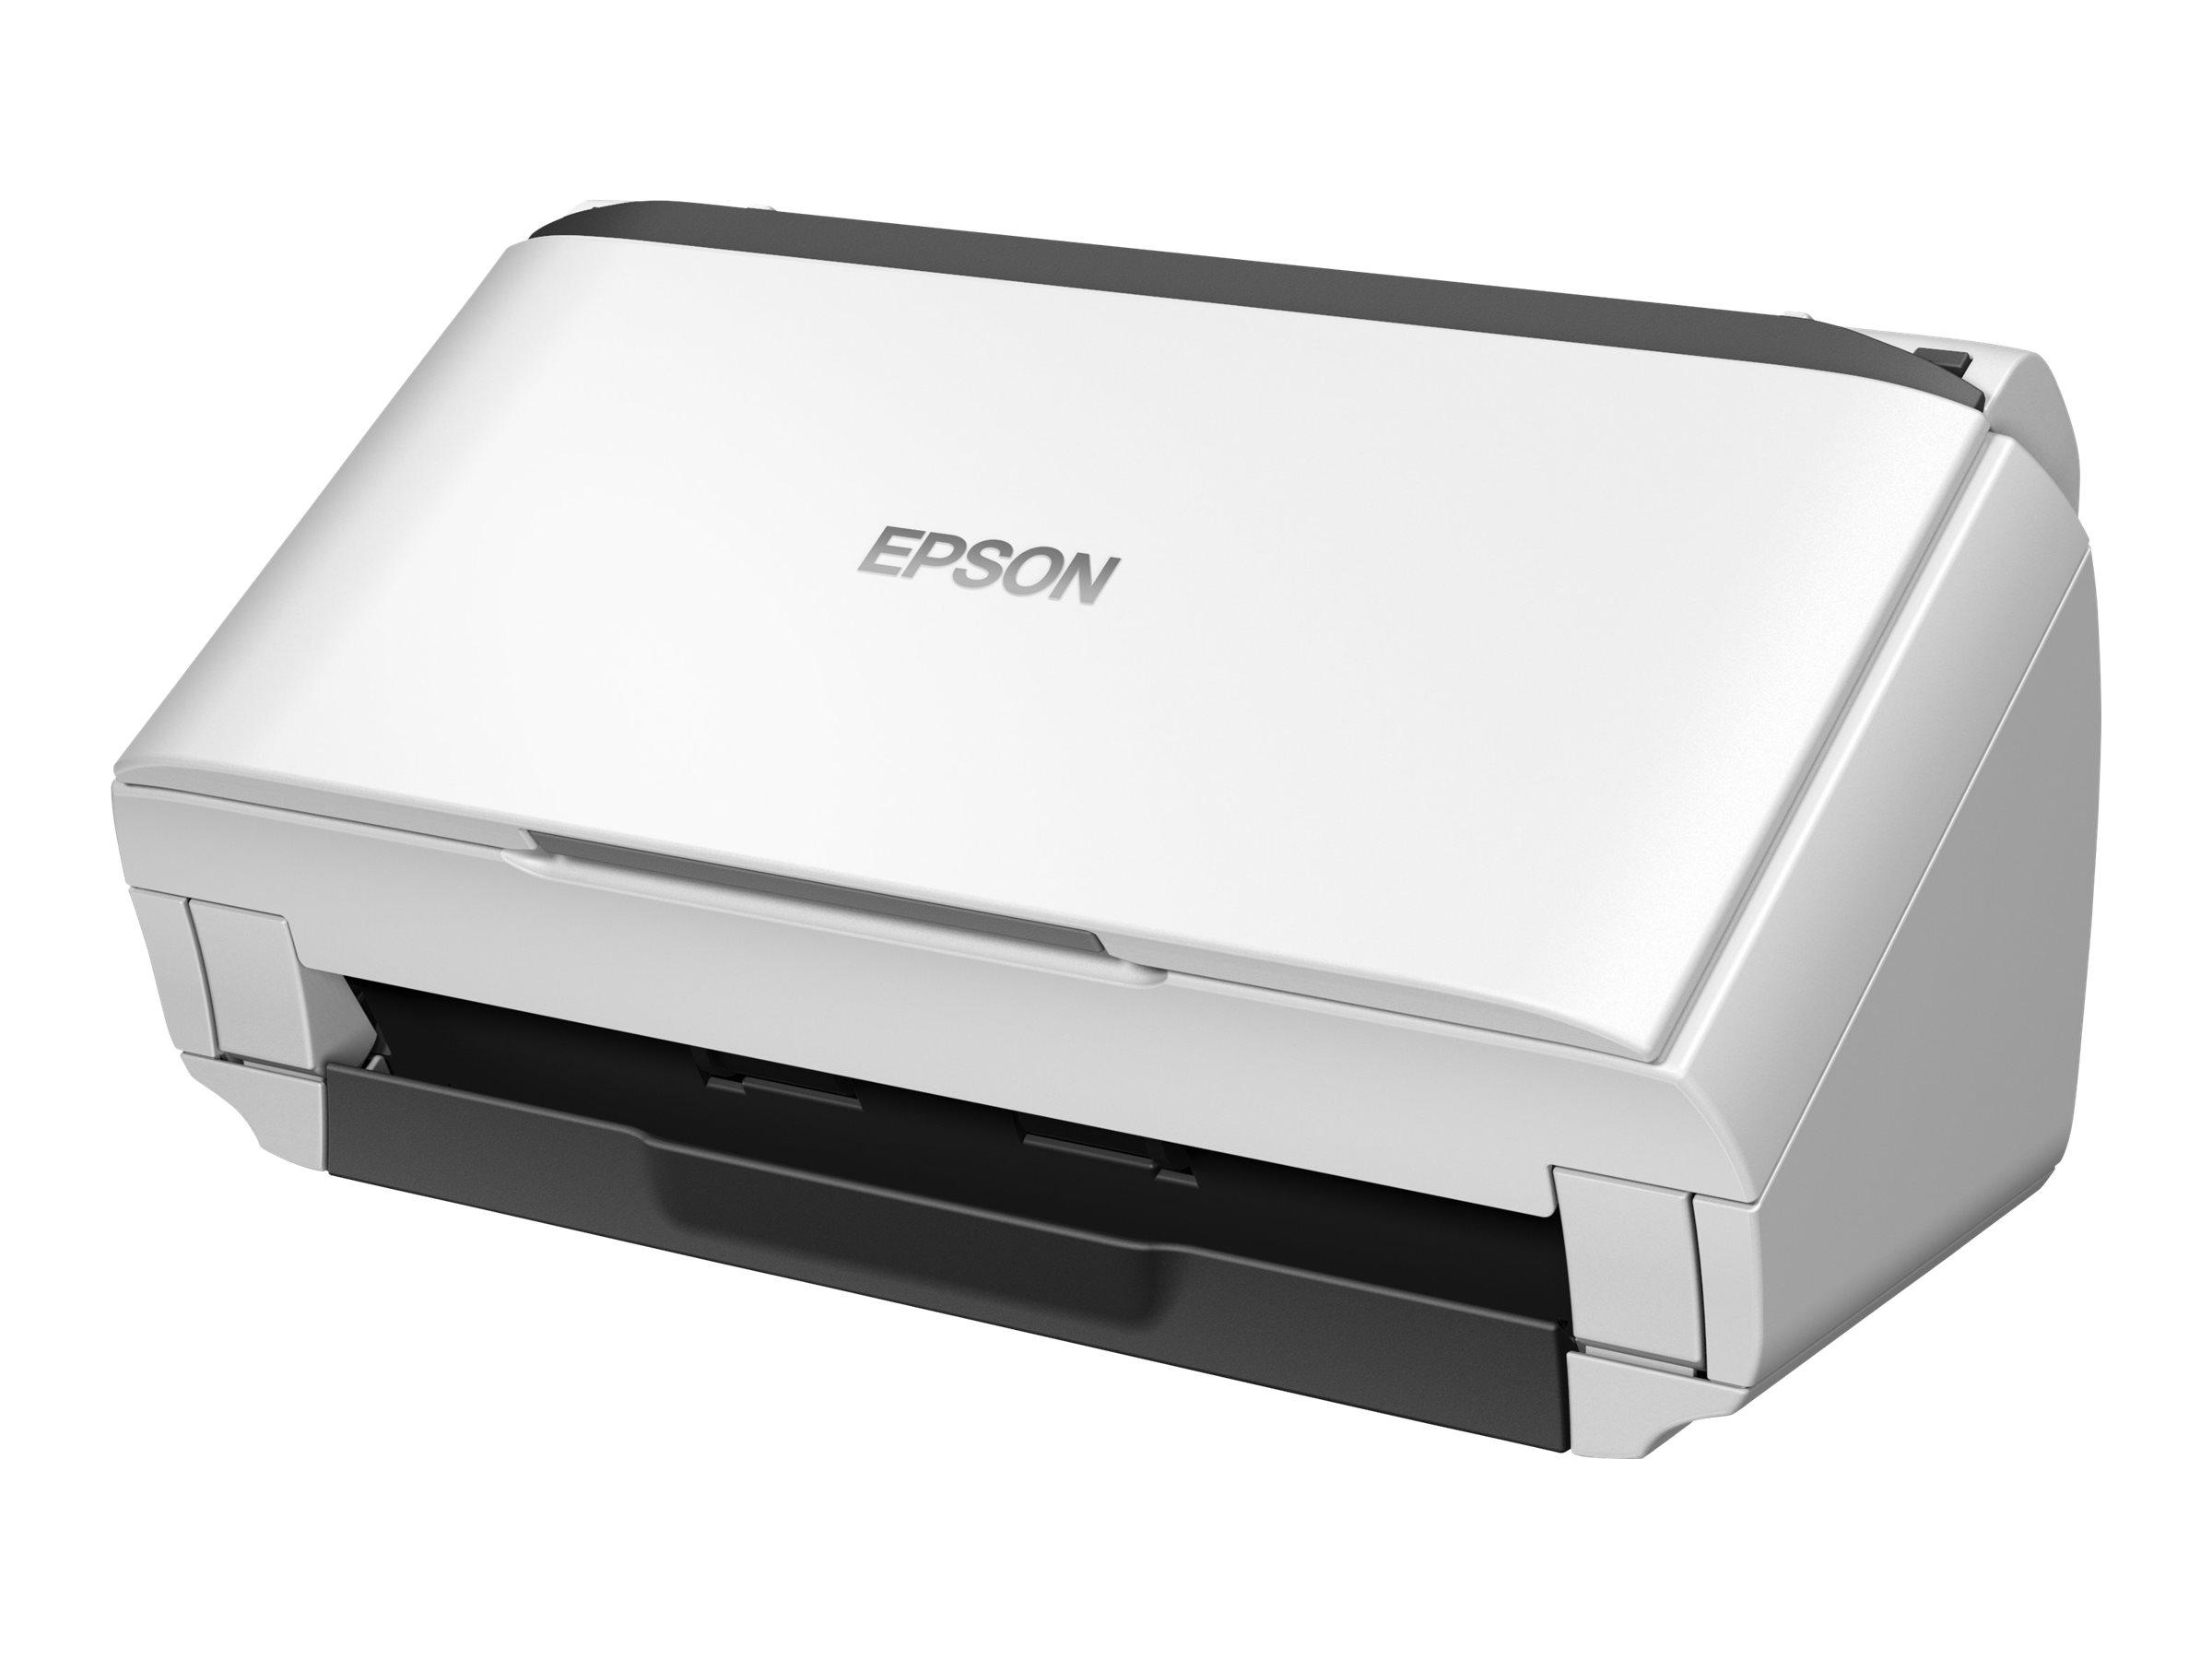 Epson WorkForce DS-410 - Dokumentenscanner - Duplex - A4/Legal - 600 dpi x 600 dpi - bis zu 26 Seiten/Min. (einfarbig) / bis zu